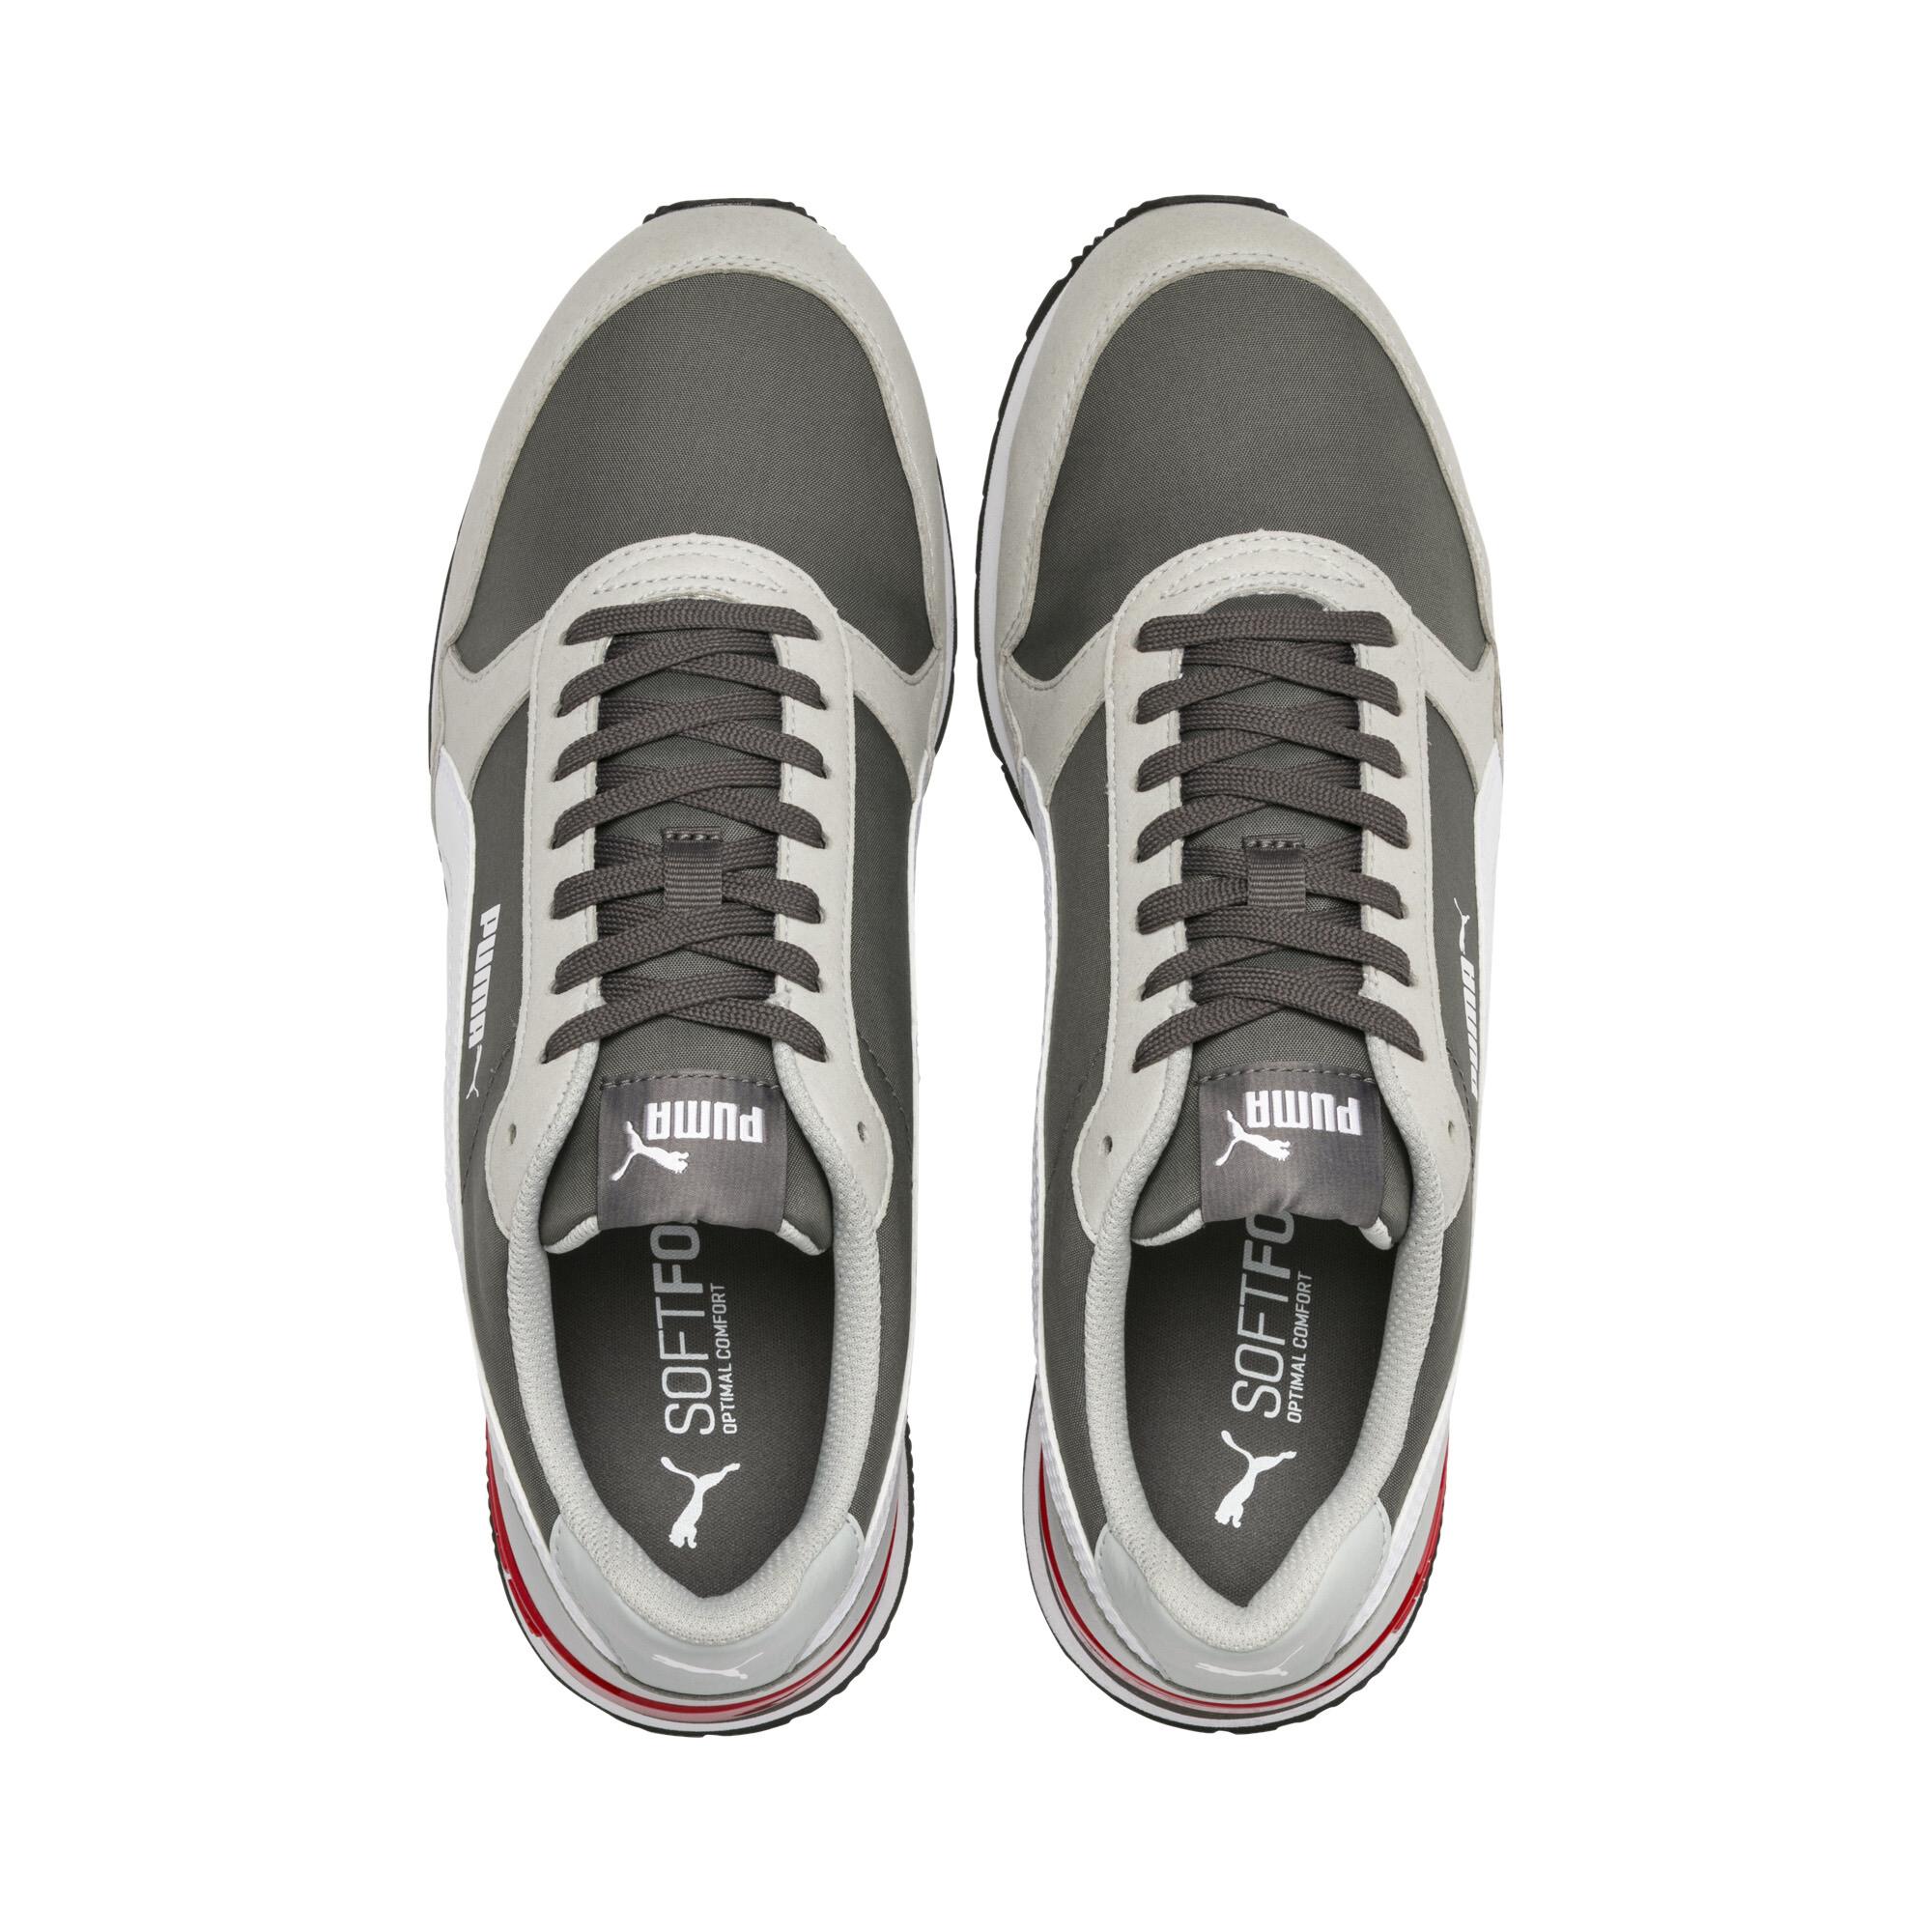 Puma-ST-Runner-v2-Para-hombre-Zapatos-para-hombre-Basics miniatura 8